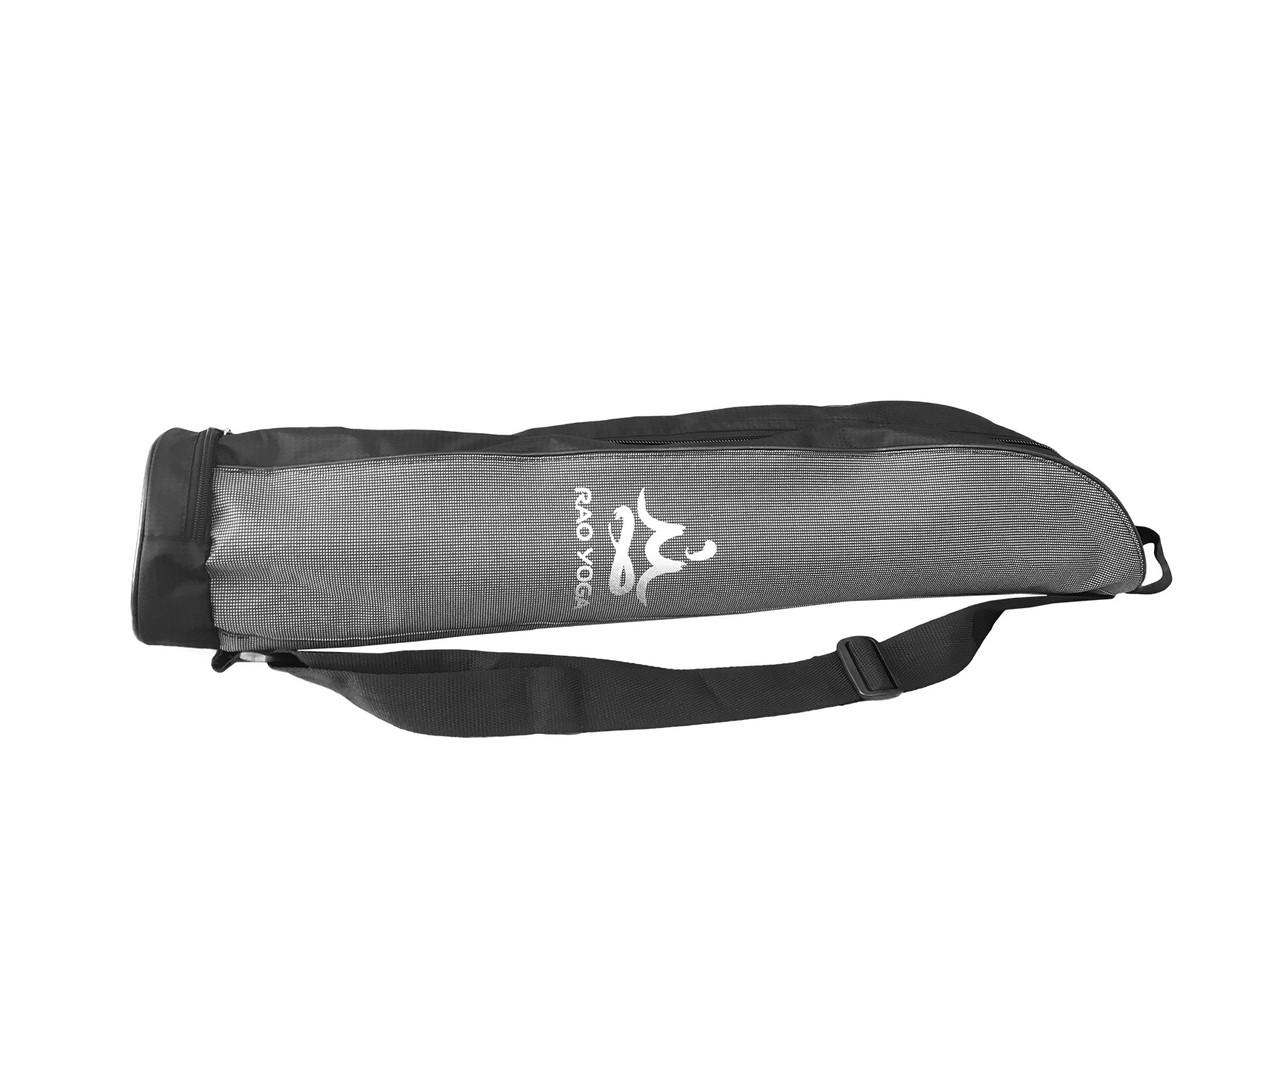 Сумка-чехол для йога-мата RAO Эксперт 65 х 21 см Серый (hub_kRdh50822)